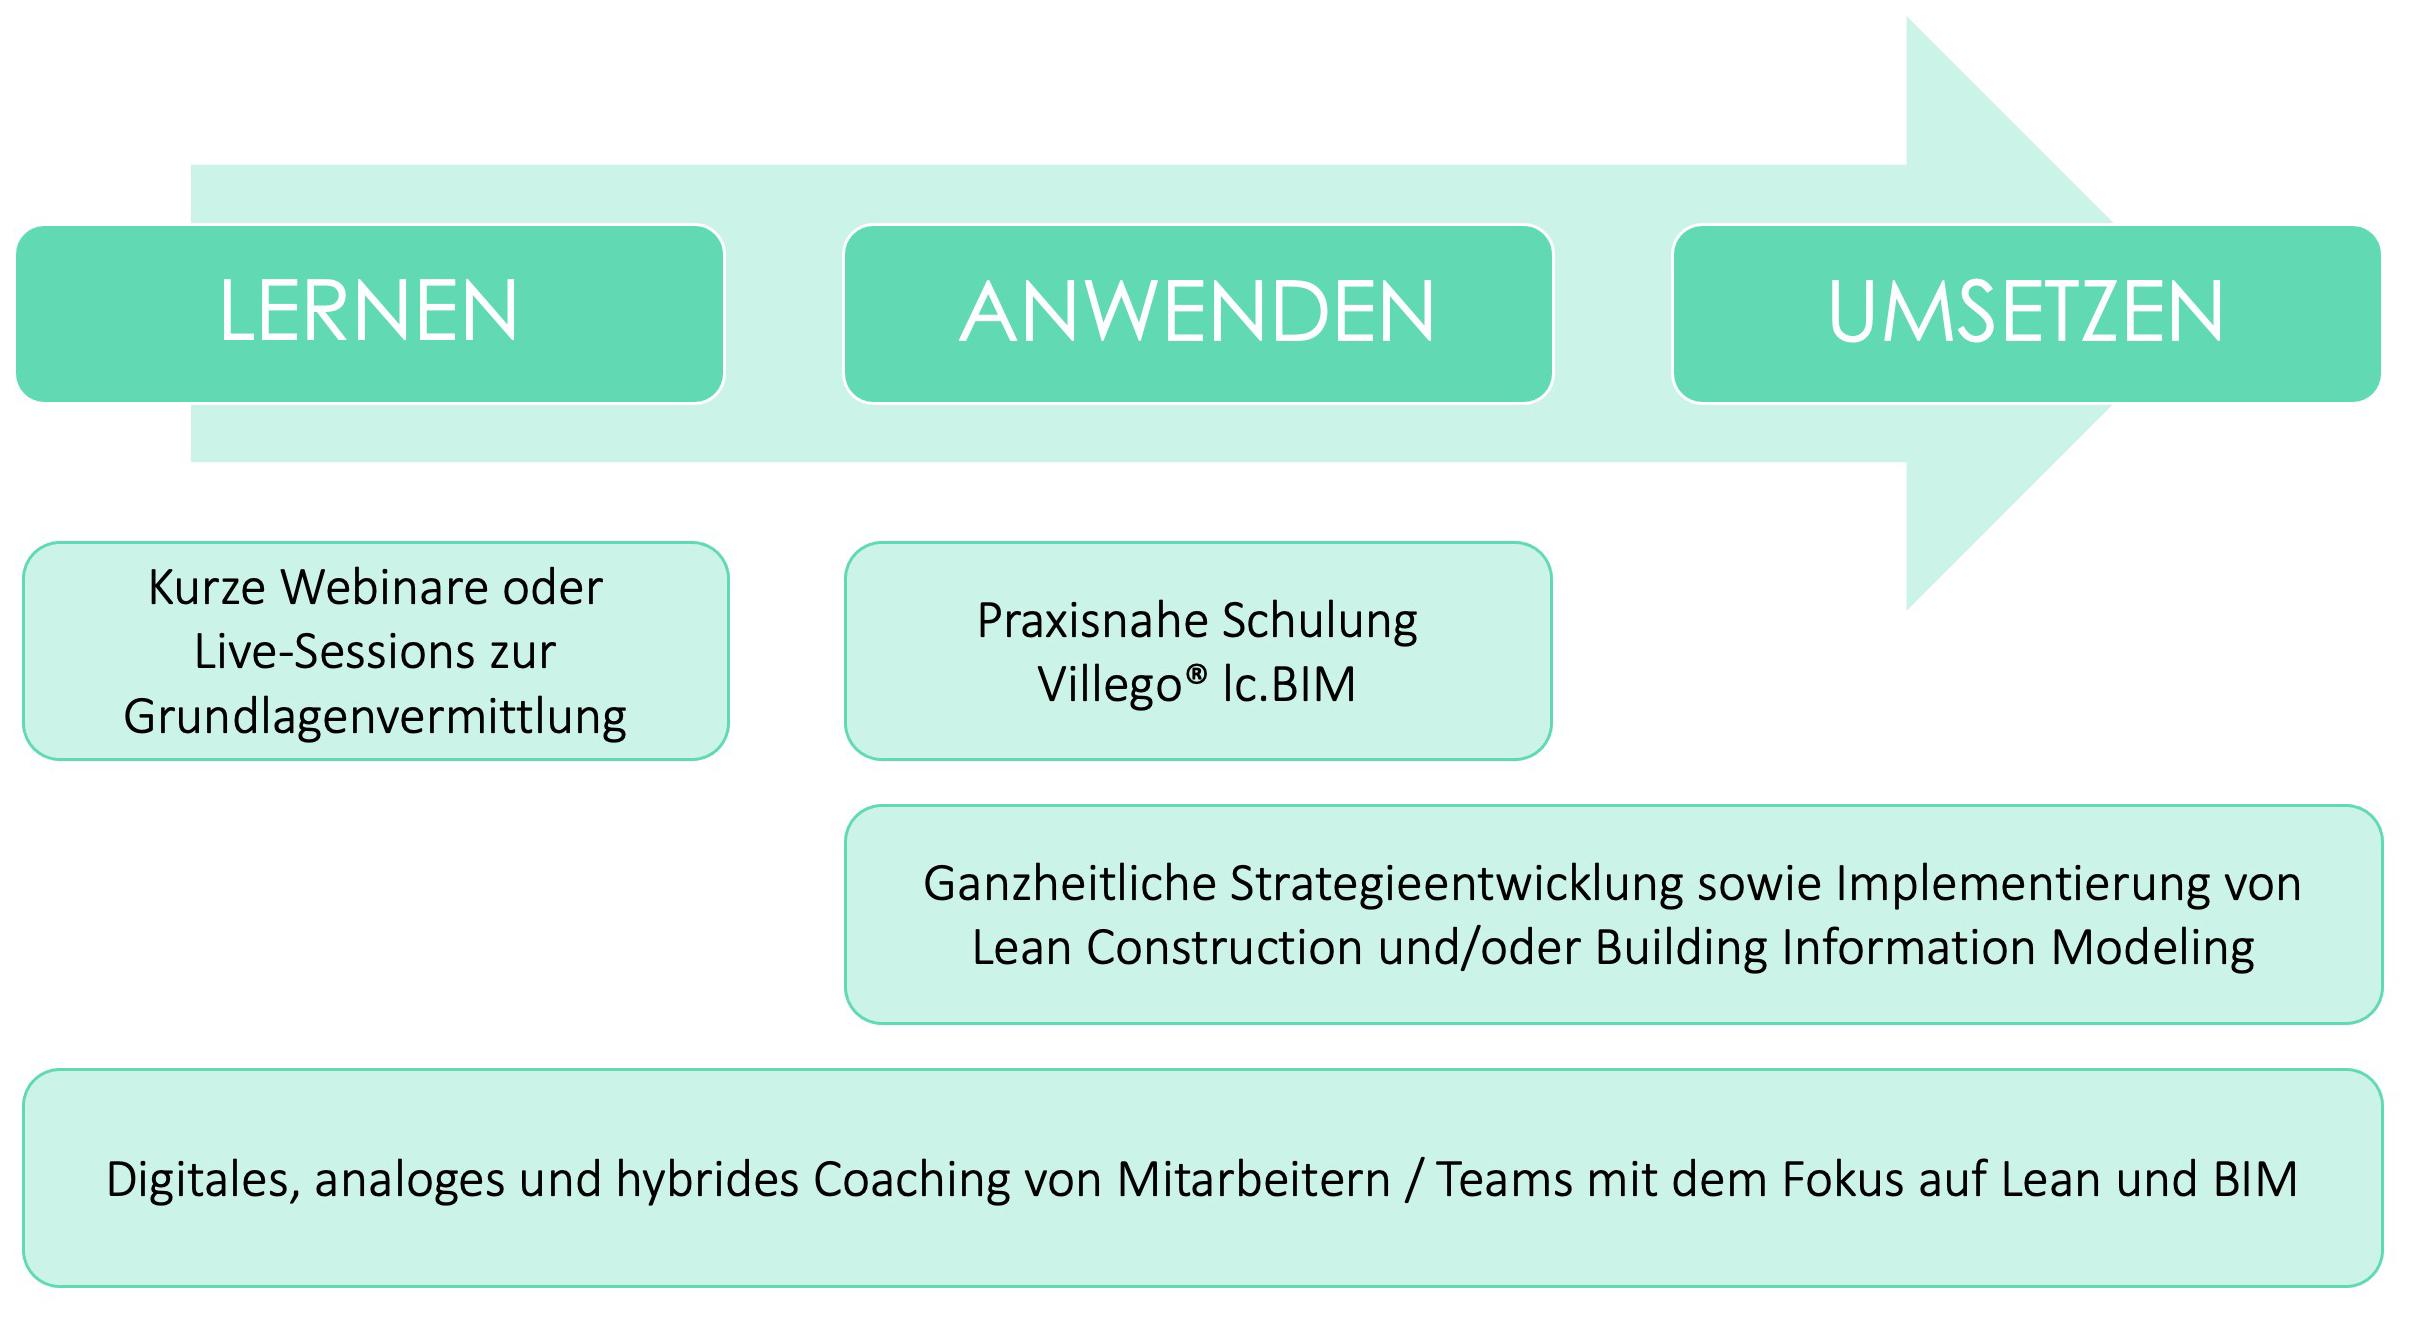 Vorgehen bei der Implementierung von BIM und Lean Construction